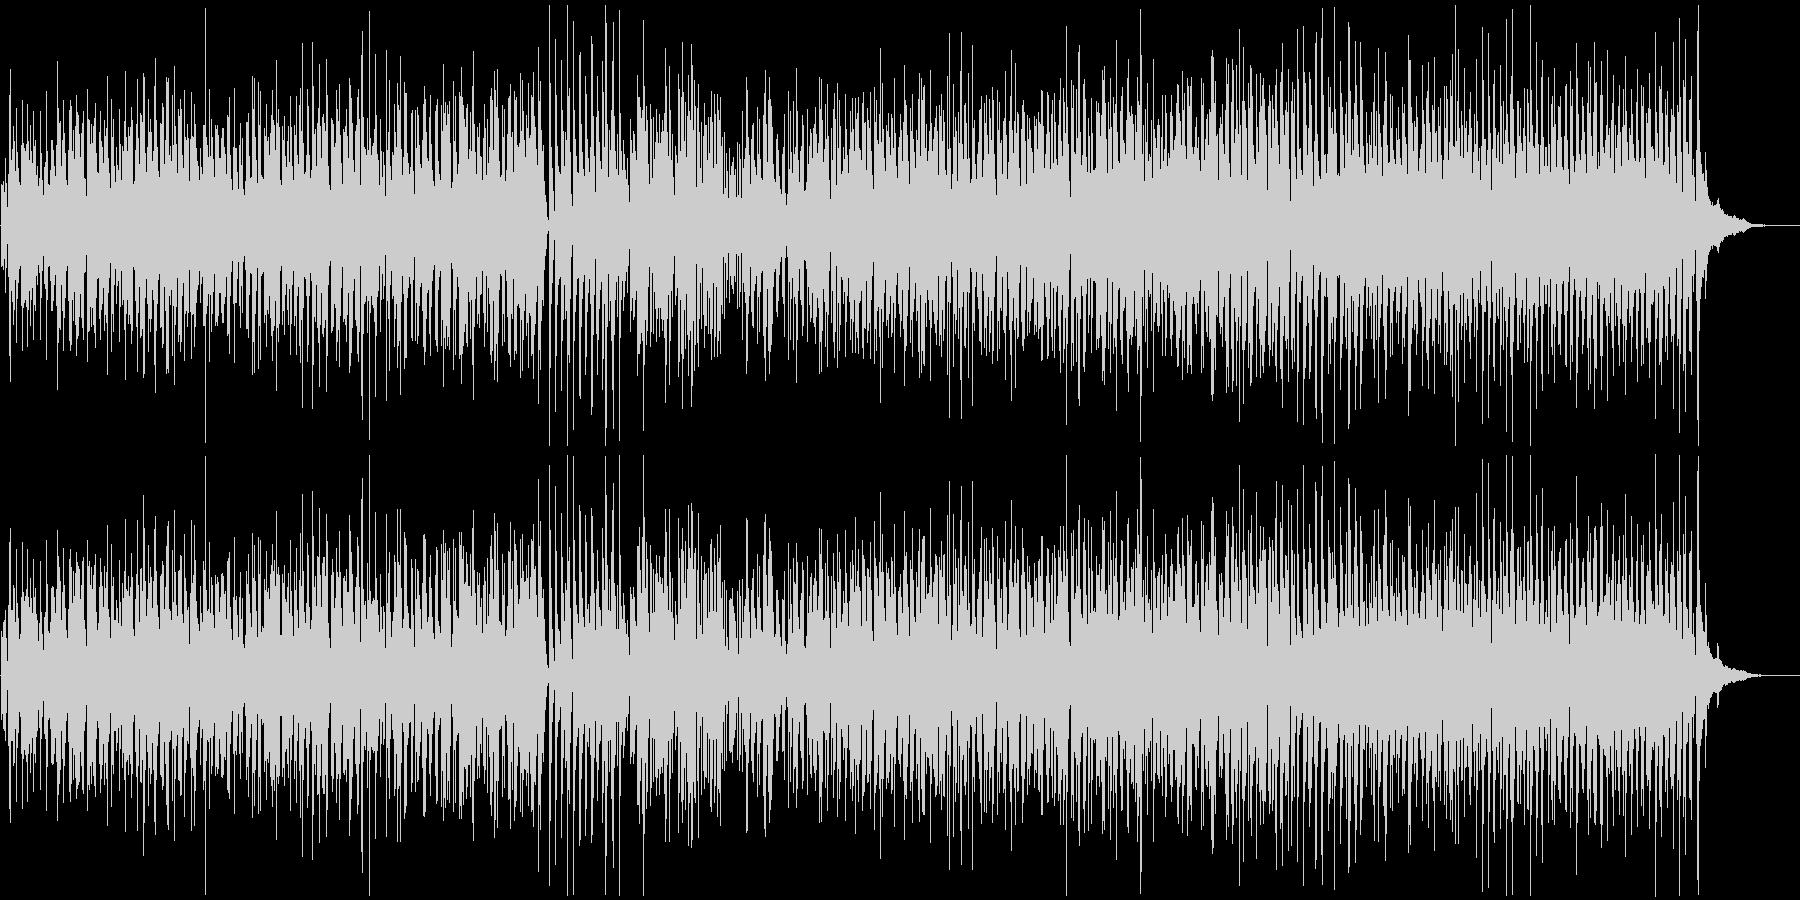 甘い音色の落ち着いたジャズトラックの未再生の波形